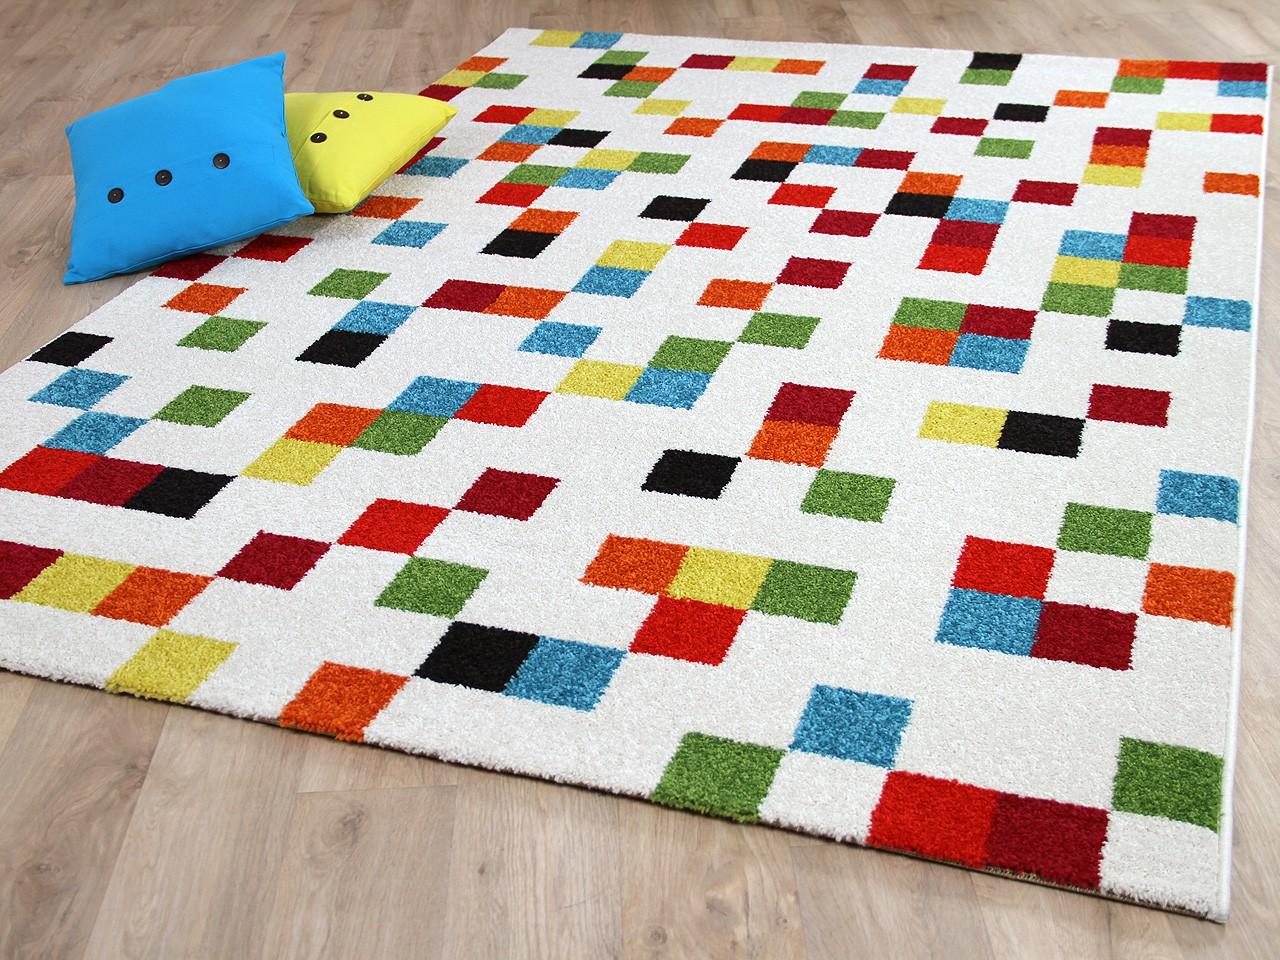 uringeruch aus teppich entfernen teppich reinigen. Black Bedroom Furniture Sets. Home Design Ideas